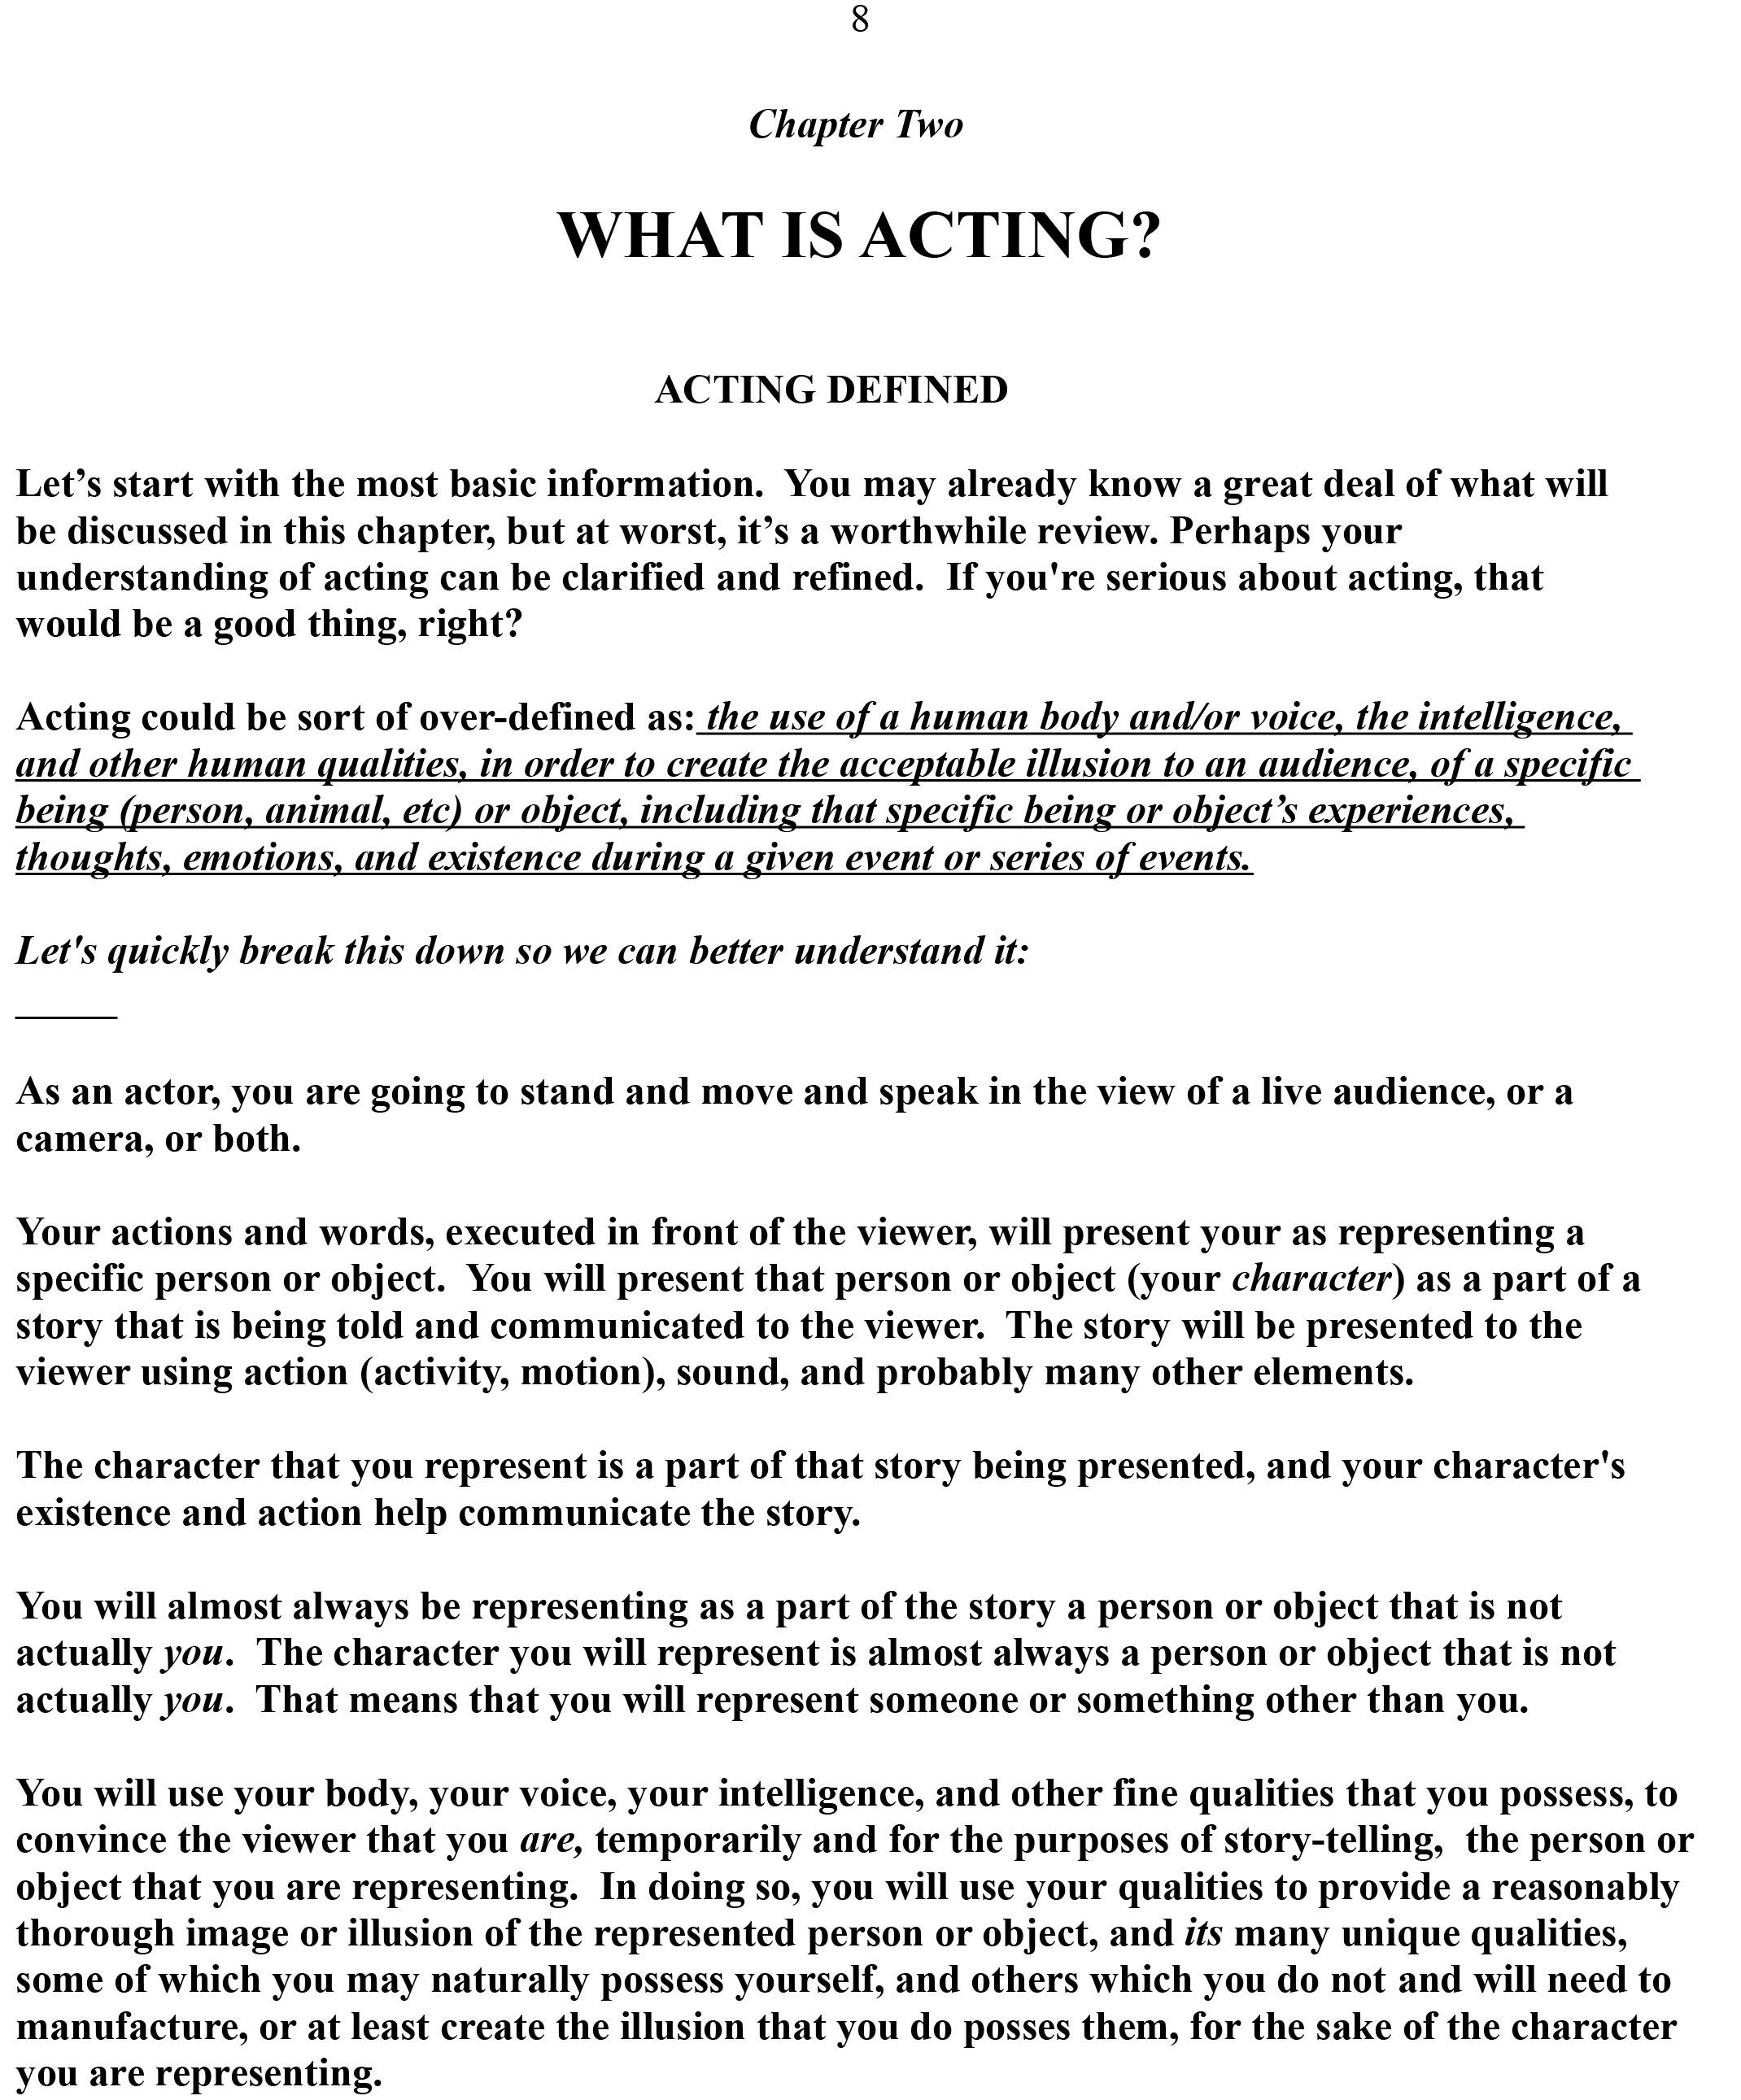 The Great Actor's Handbook-8.jpg